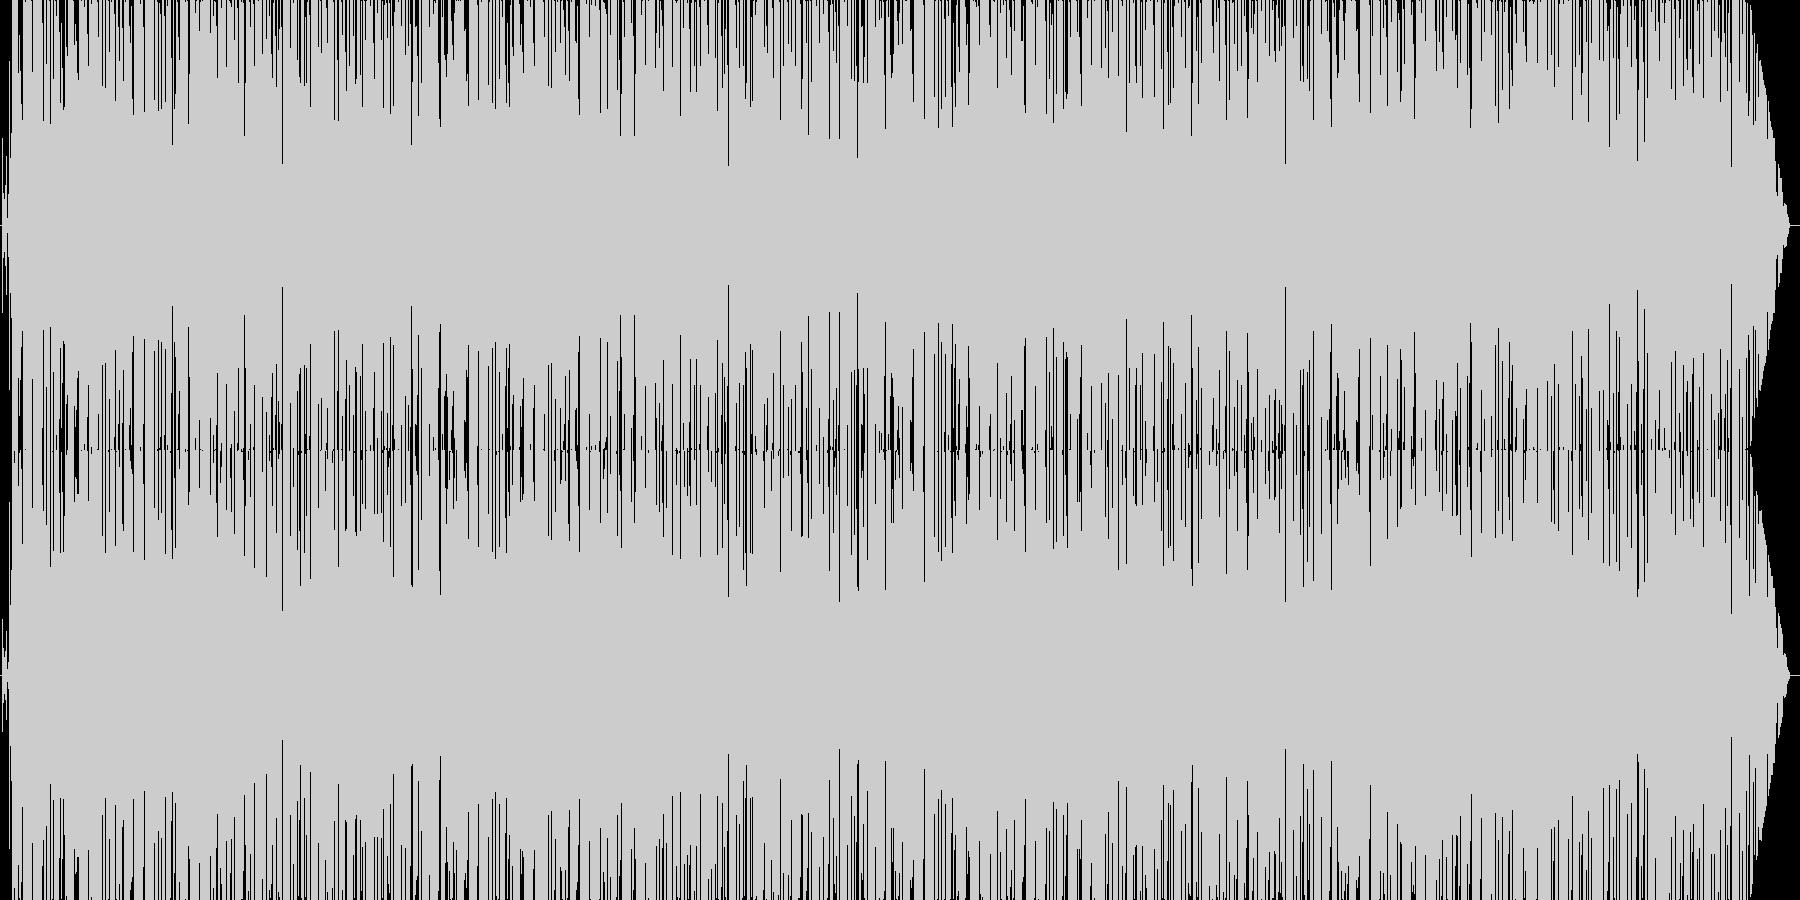 ラジオ番組風テーマソングの未再生の波形